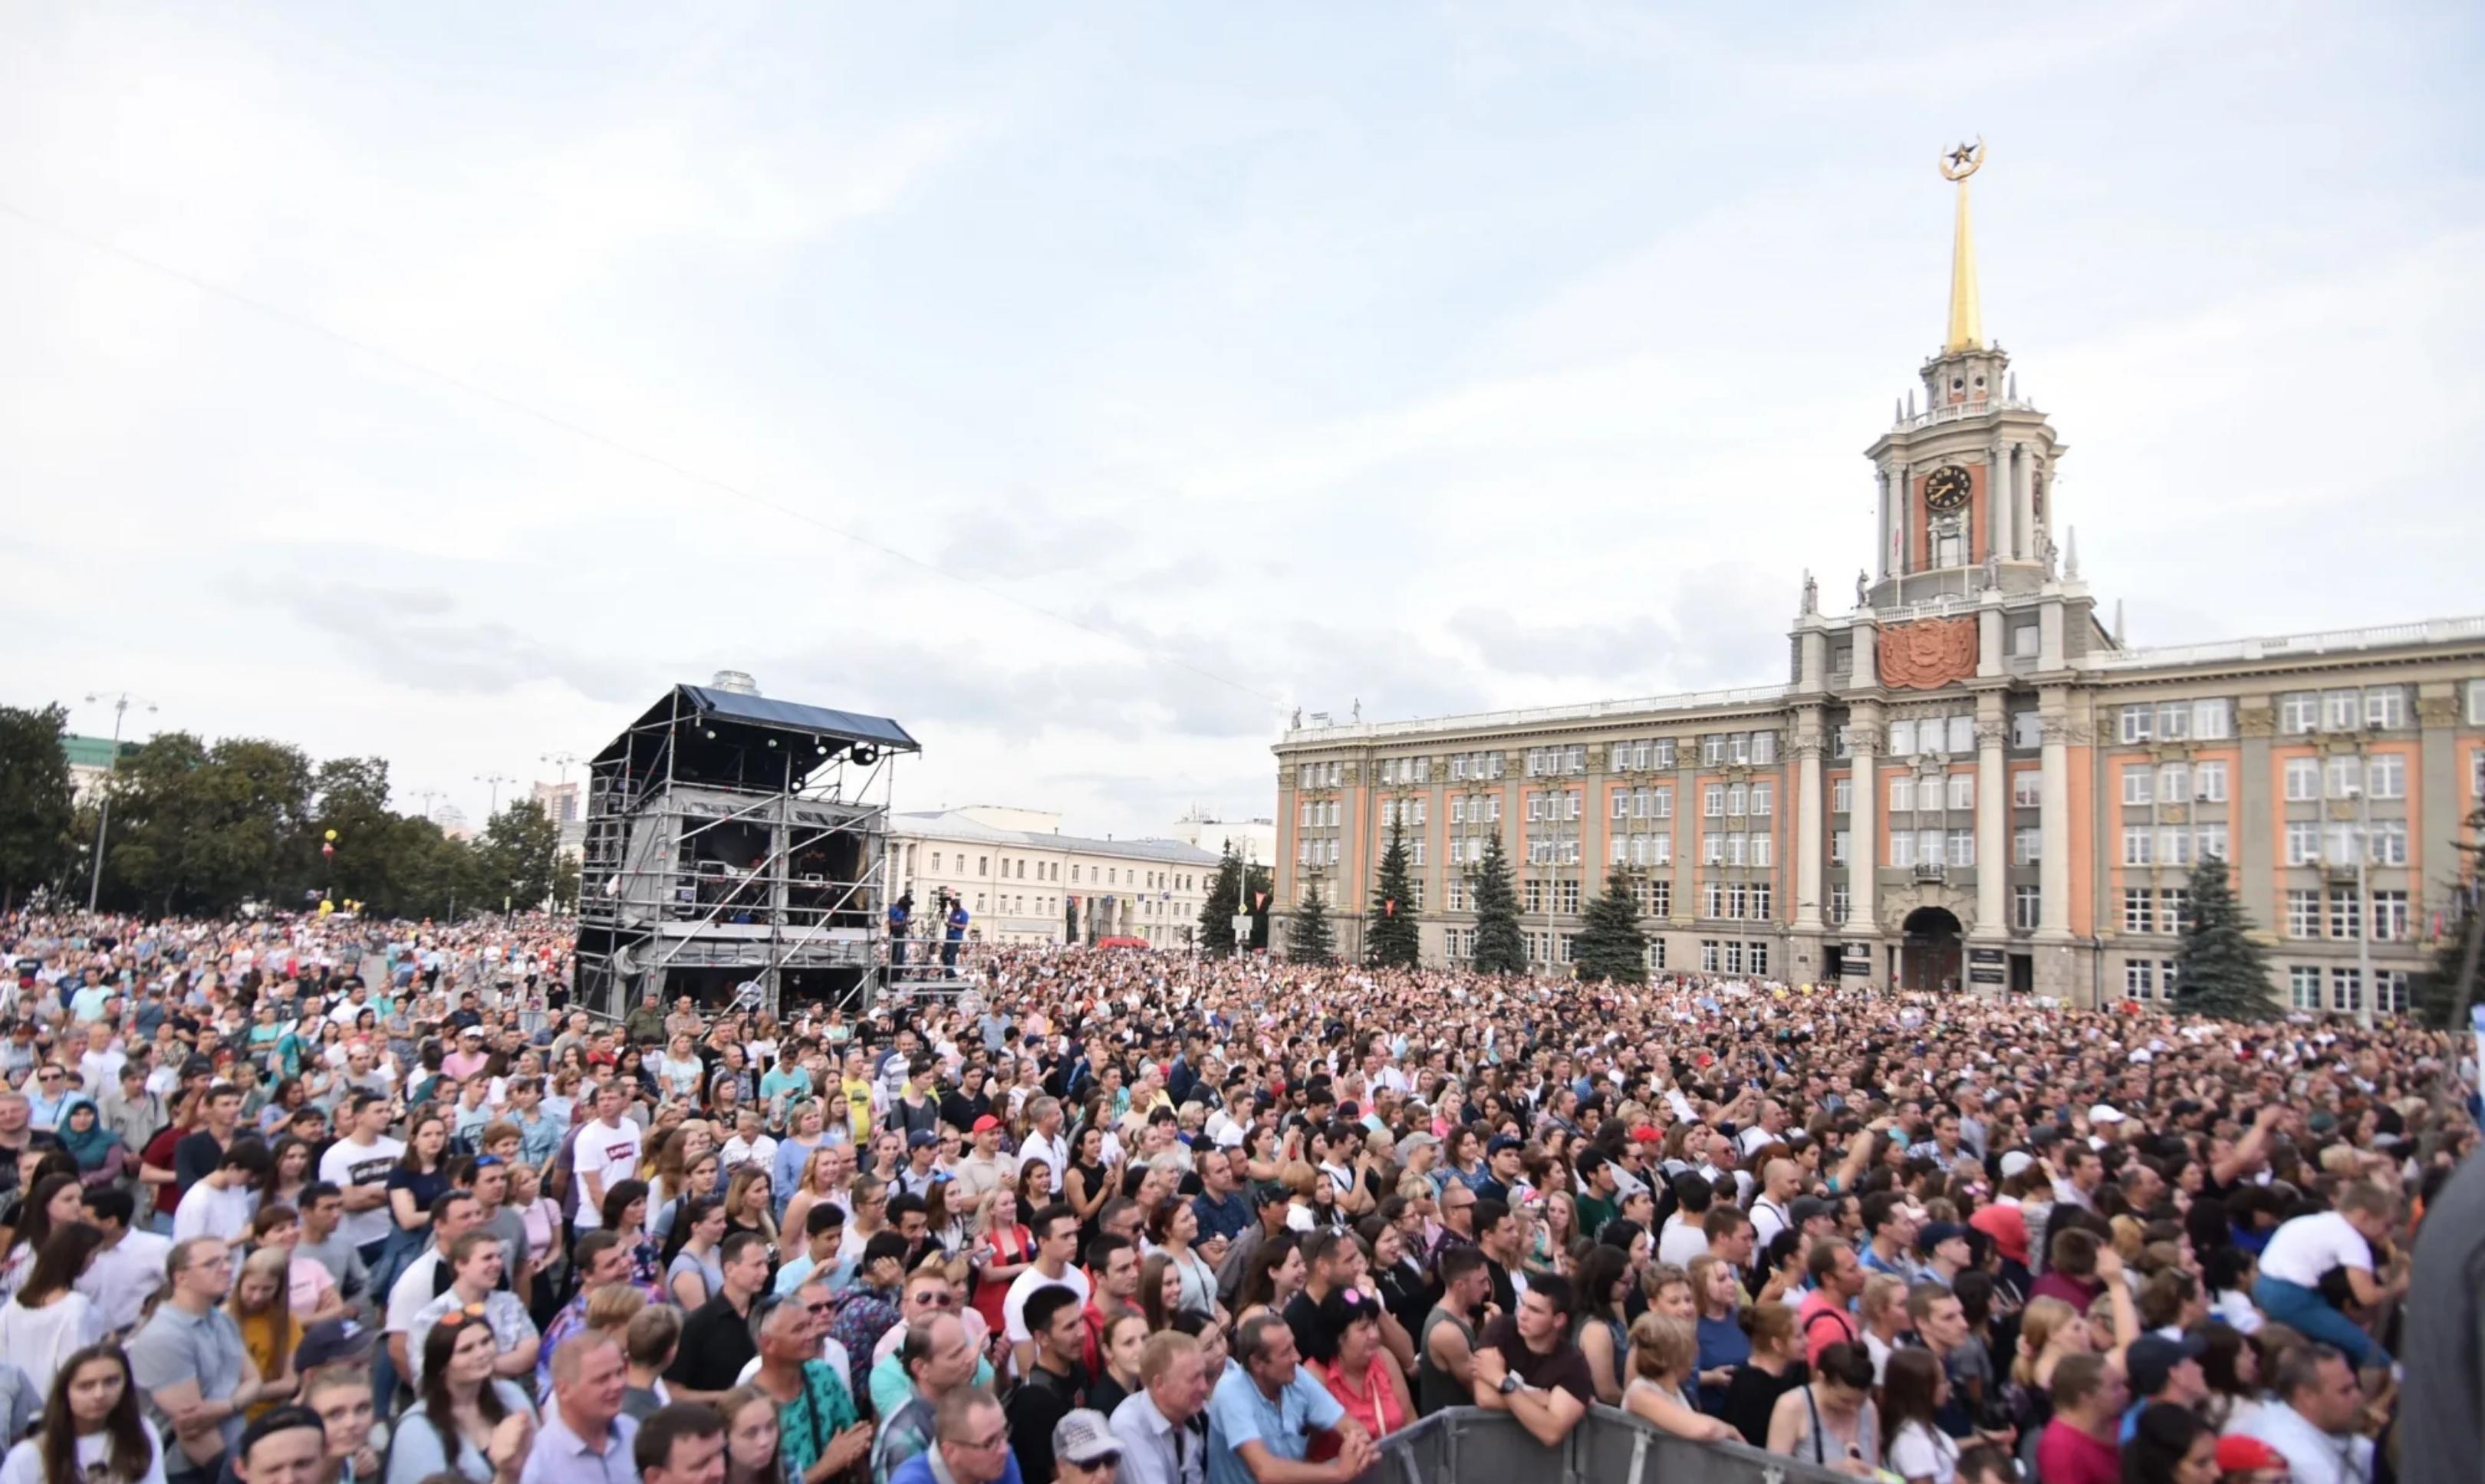 Онлайн, Клава Кока и отмена салюта: в Екатеринбурге определились с празднованием Дня города